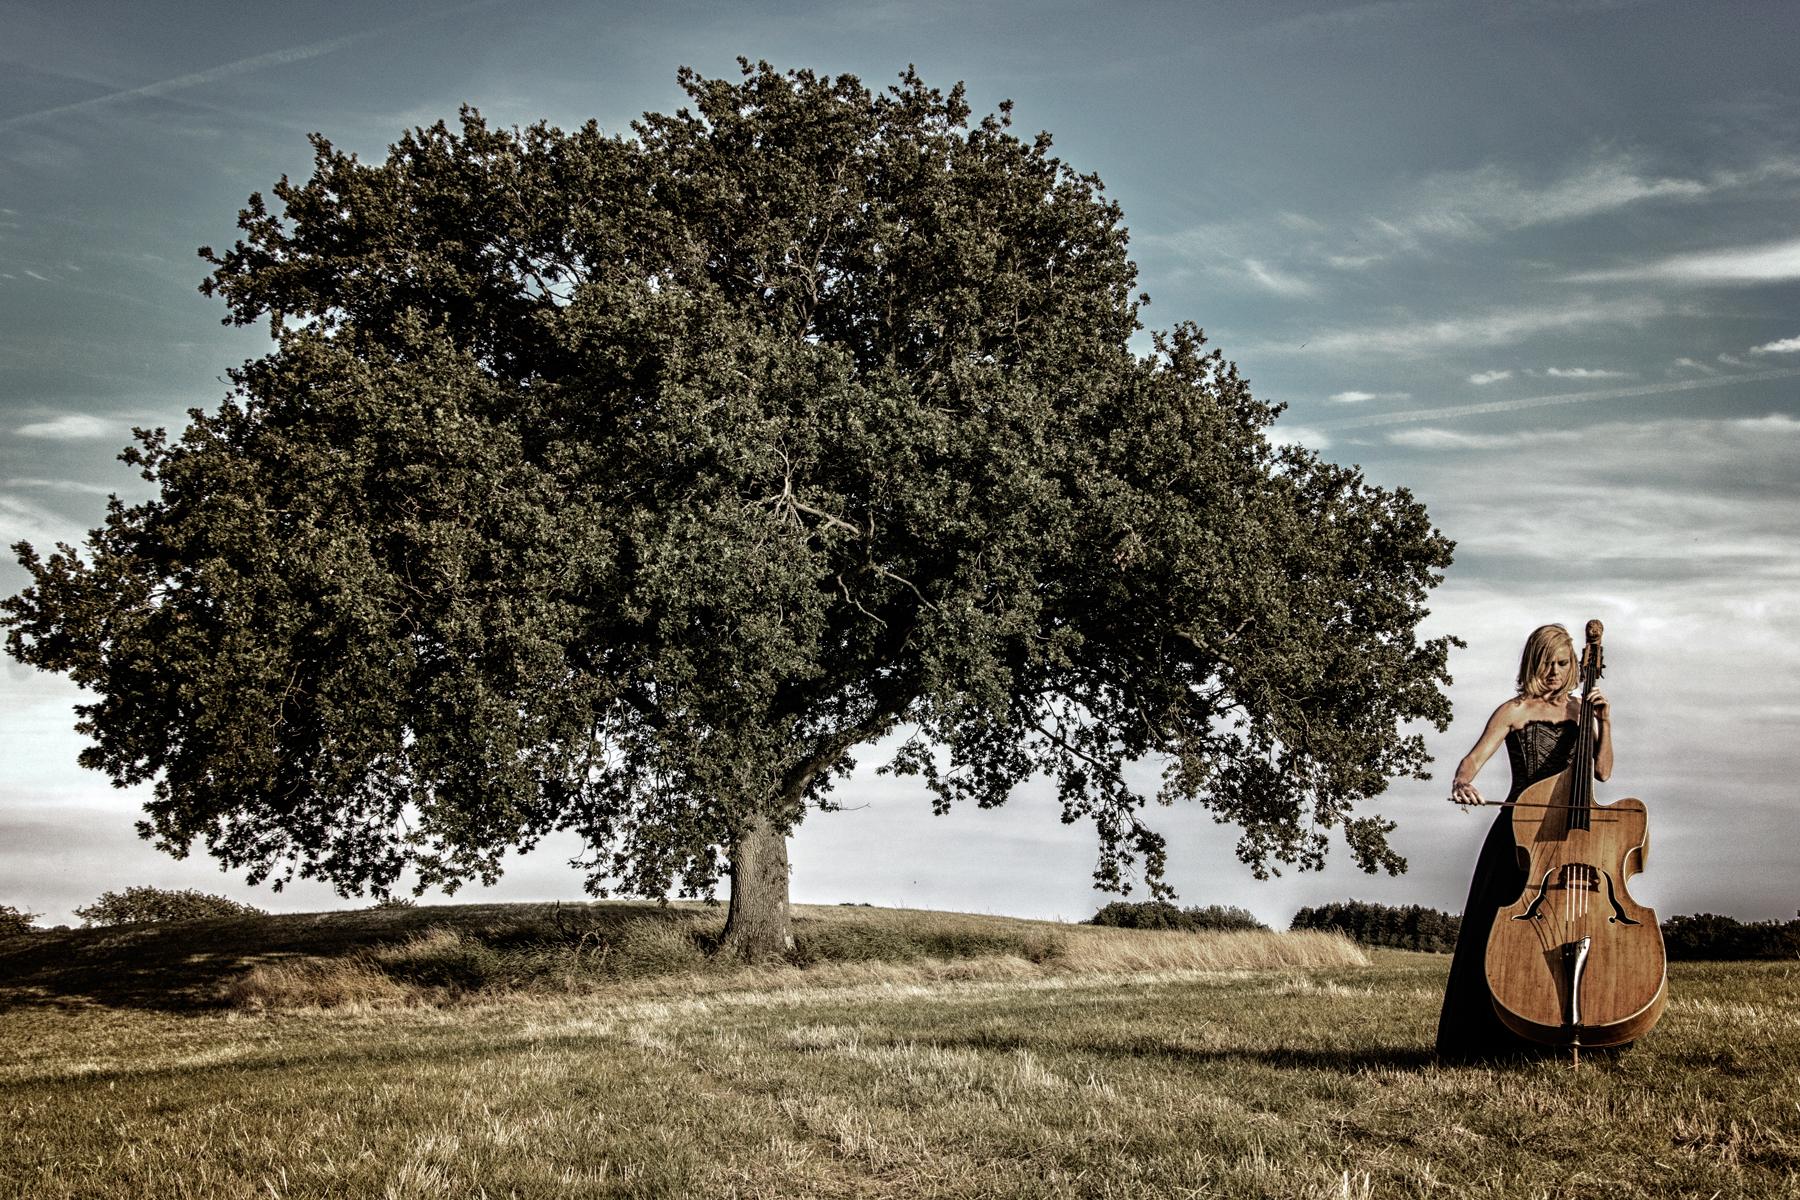 S5001b - Johnny Kristensen - Sound of music.jpg